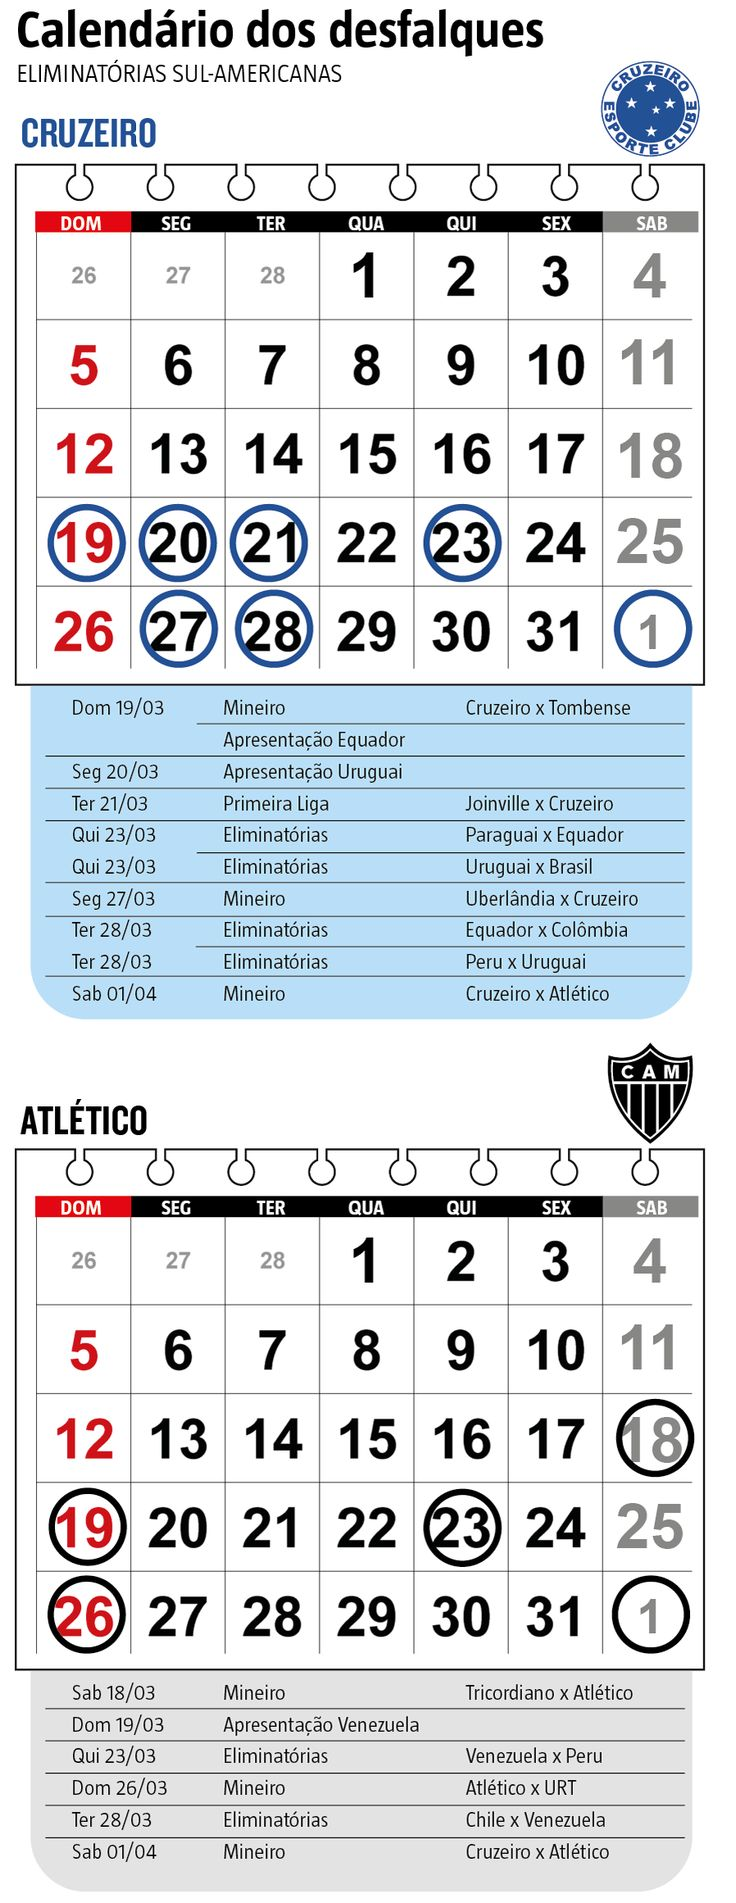 Convocados nesta segunda-feira (13) para defender Equador e Venezuela, respectivamente, nas Eliminatórias Sul-Americanas para a Copa de 2018, o zagueiro Caicedo (Cruzeiro) e o meia Otero (Atlético) desfalcarão os gigantes mineiros às vésperas do superclássico pela 10ª rodada do campeonato estadual, marcado para 1º de abri (14/03/2017) #Futebol #Cruzeiro #Estadual #FutebolMineiro #MG #CampeonatoMineiro #Eliminatória #Desfalques #Convocação #Infográfico #Infografia #HojeEmDia